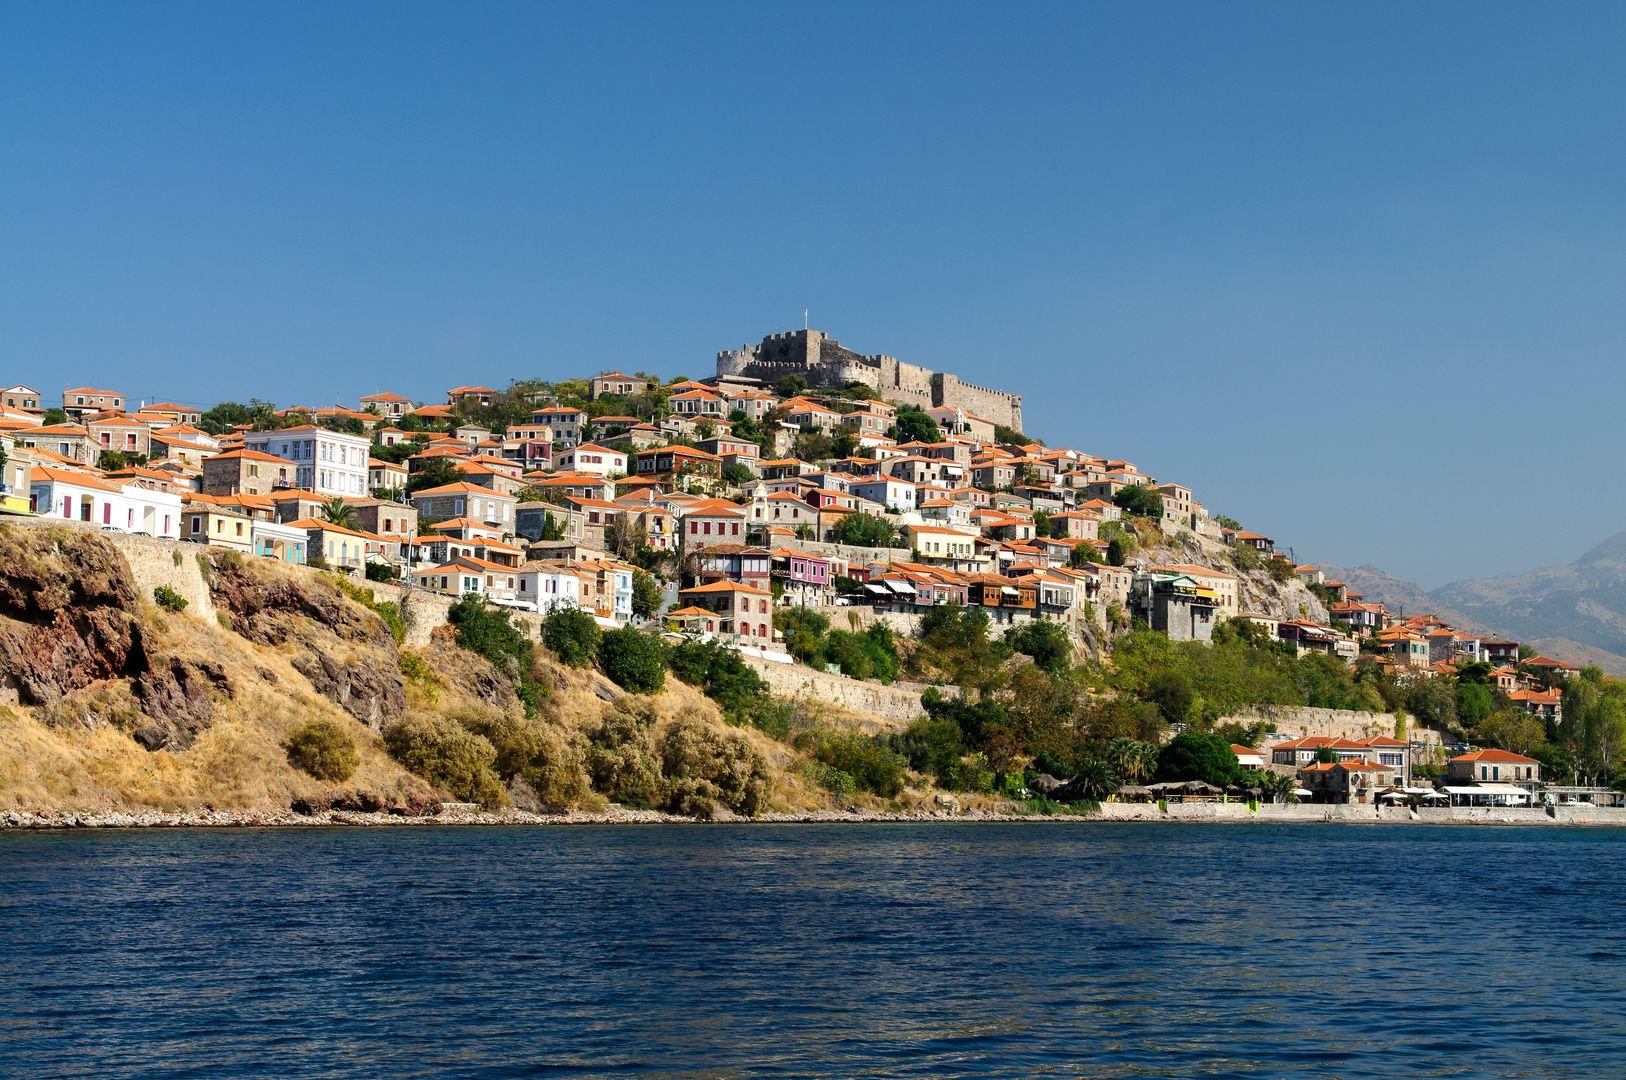 Ο Μόλυβος με το κάστρο του είναι ένα απ' τα ελληνικά χωριά που ξεχωρίζουν. Φωτογραφία τραβηγμένη από τη θάλασσα